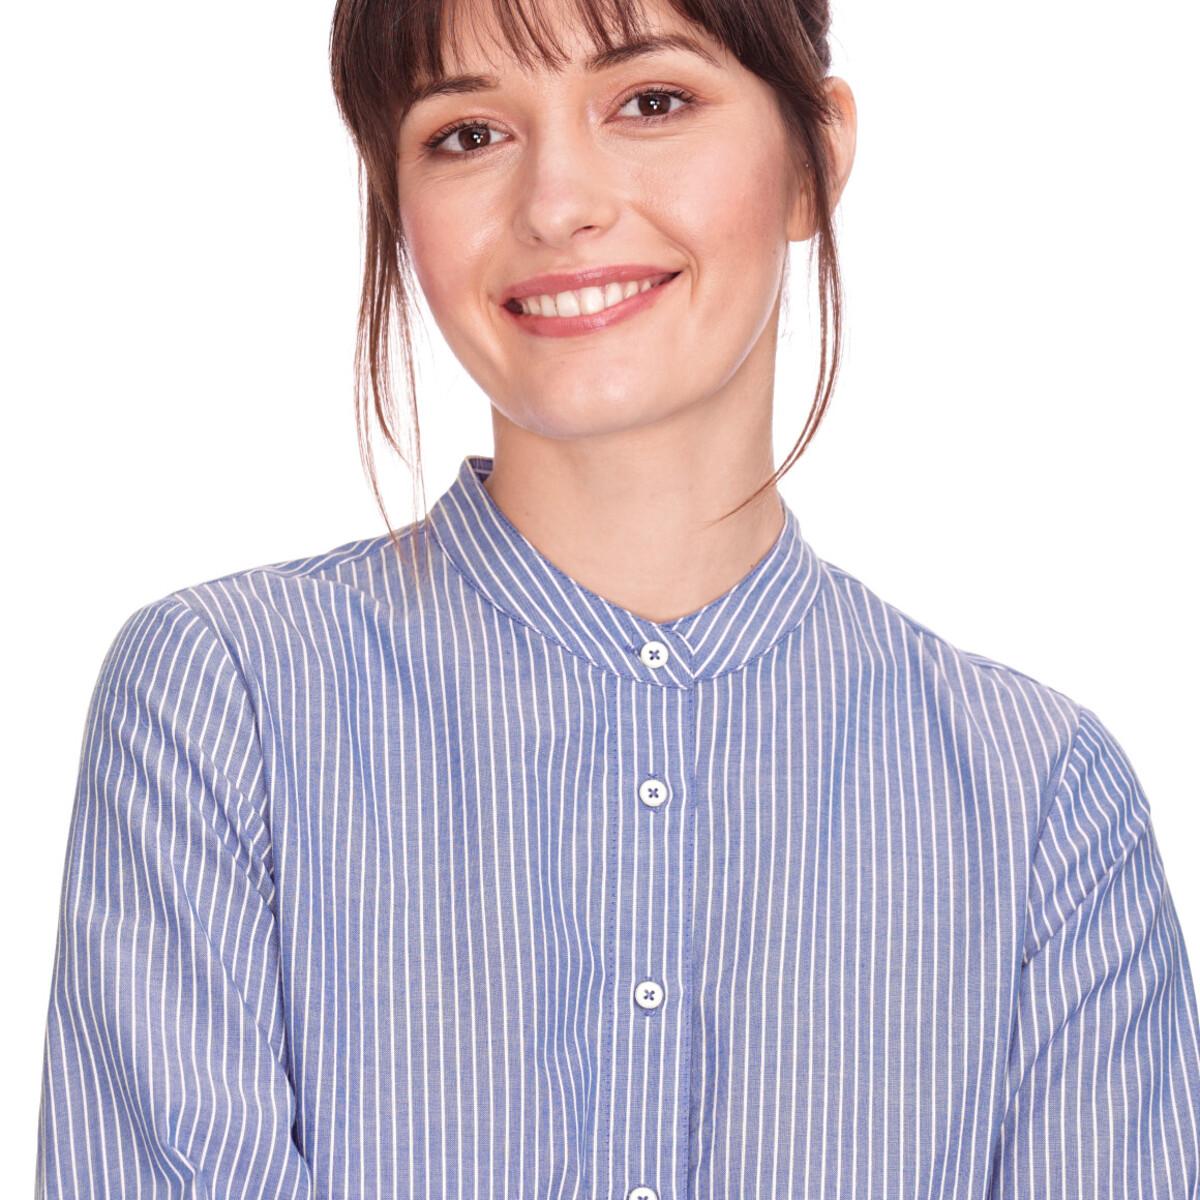 Bild 4 von Damen Hemdblusenkleid mit Längsstreifen